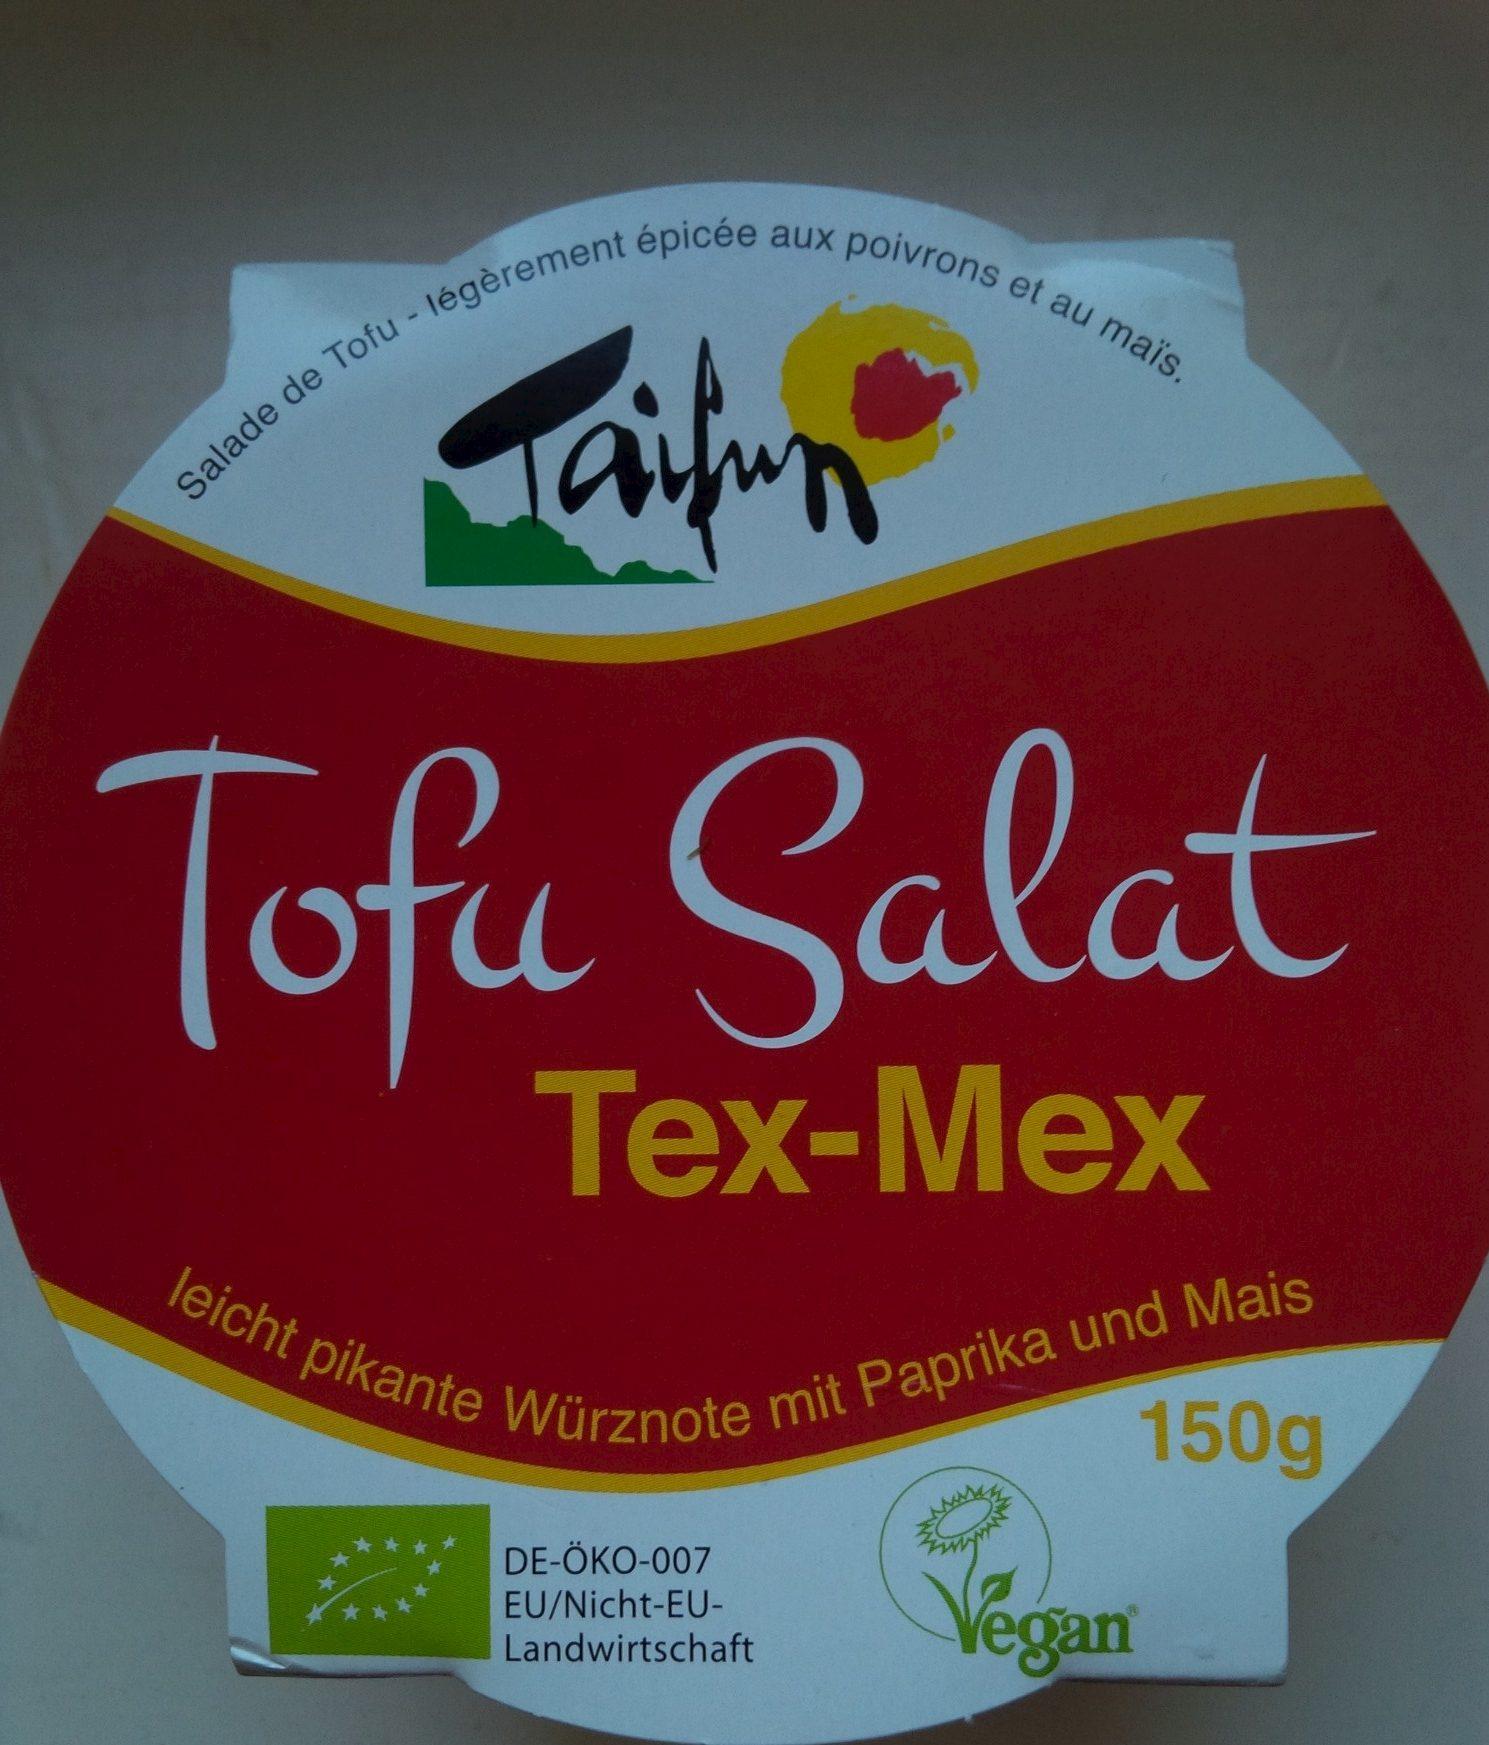 Tofu Salat Tex-Mex - Product